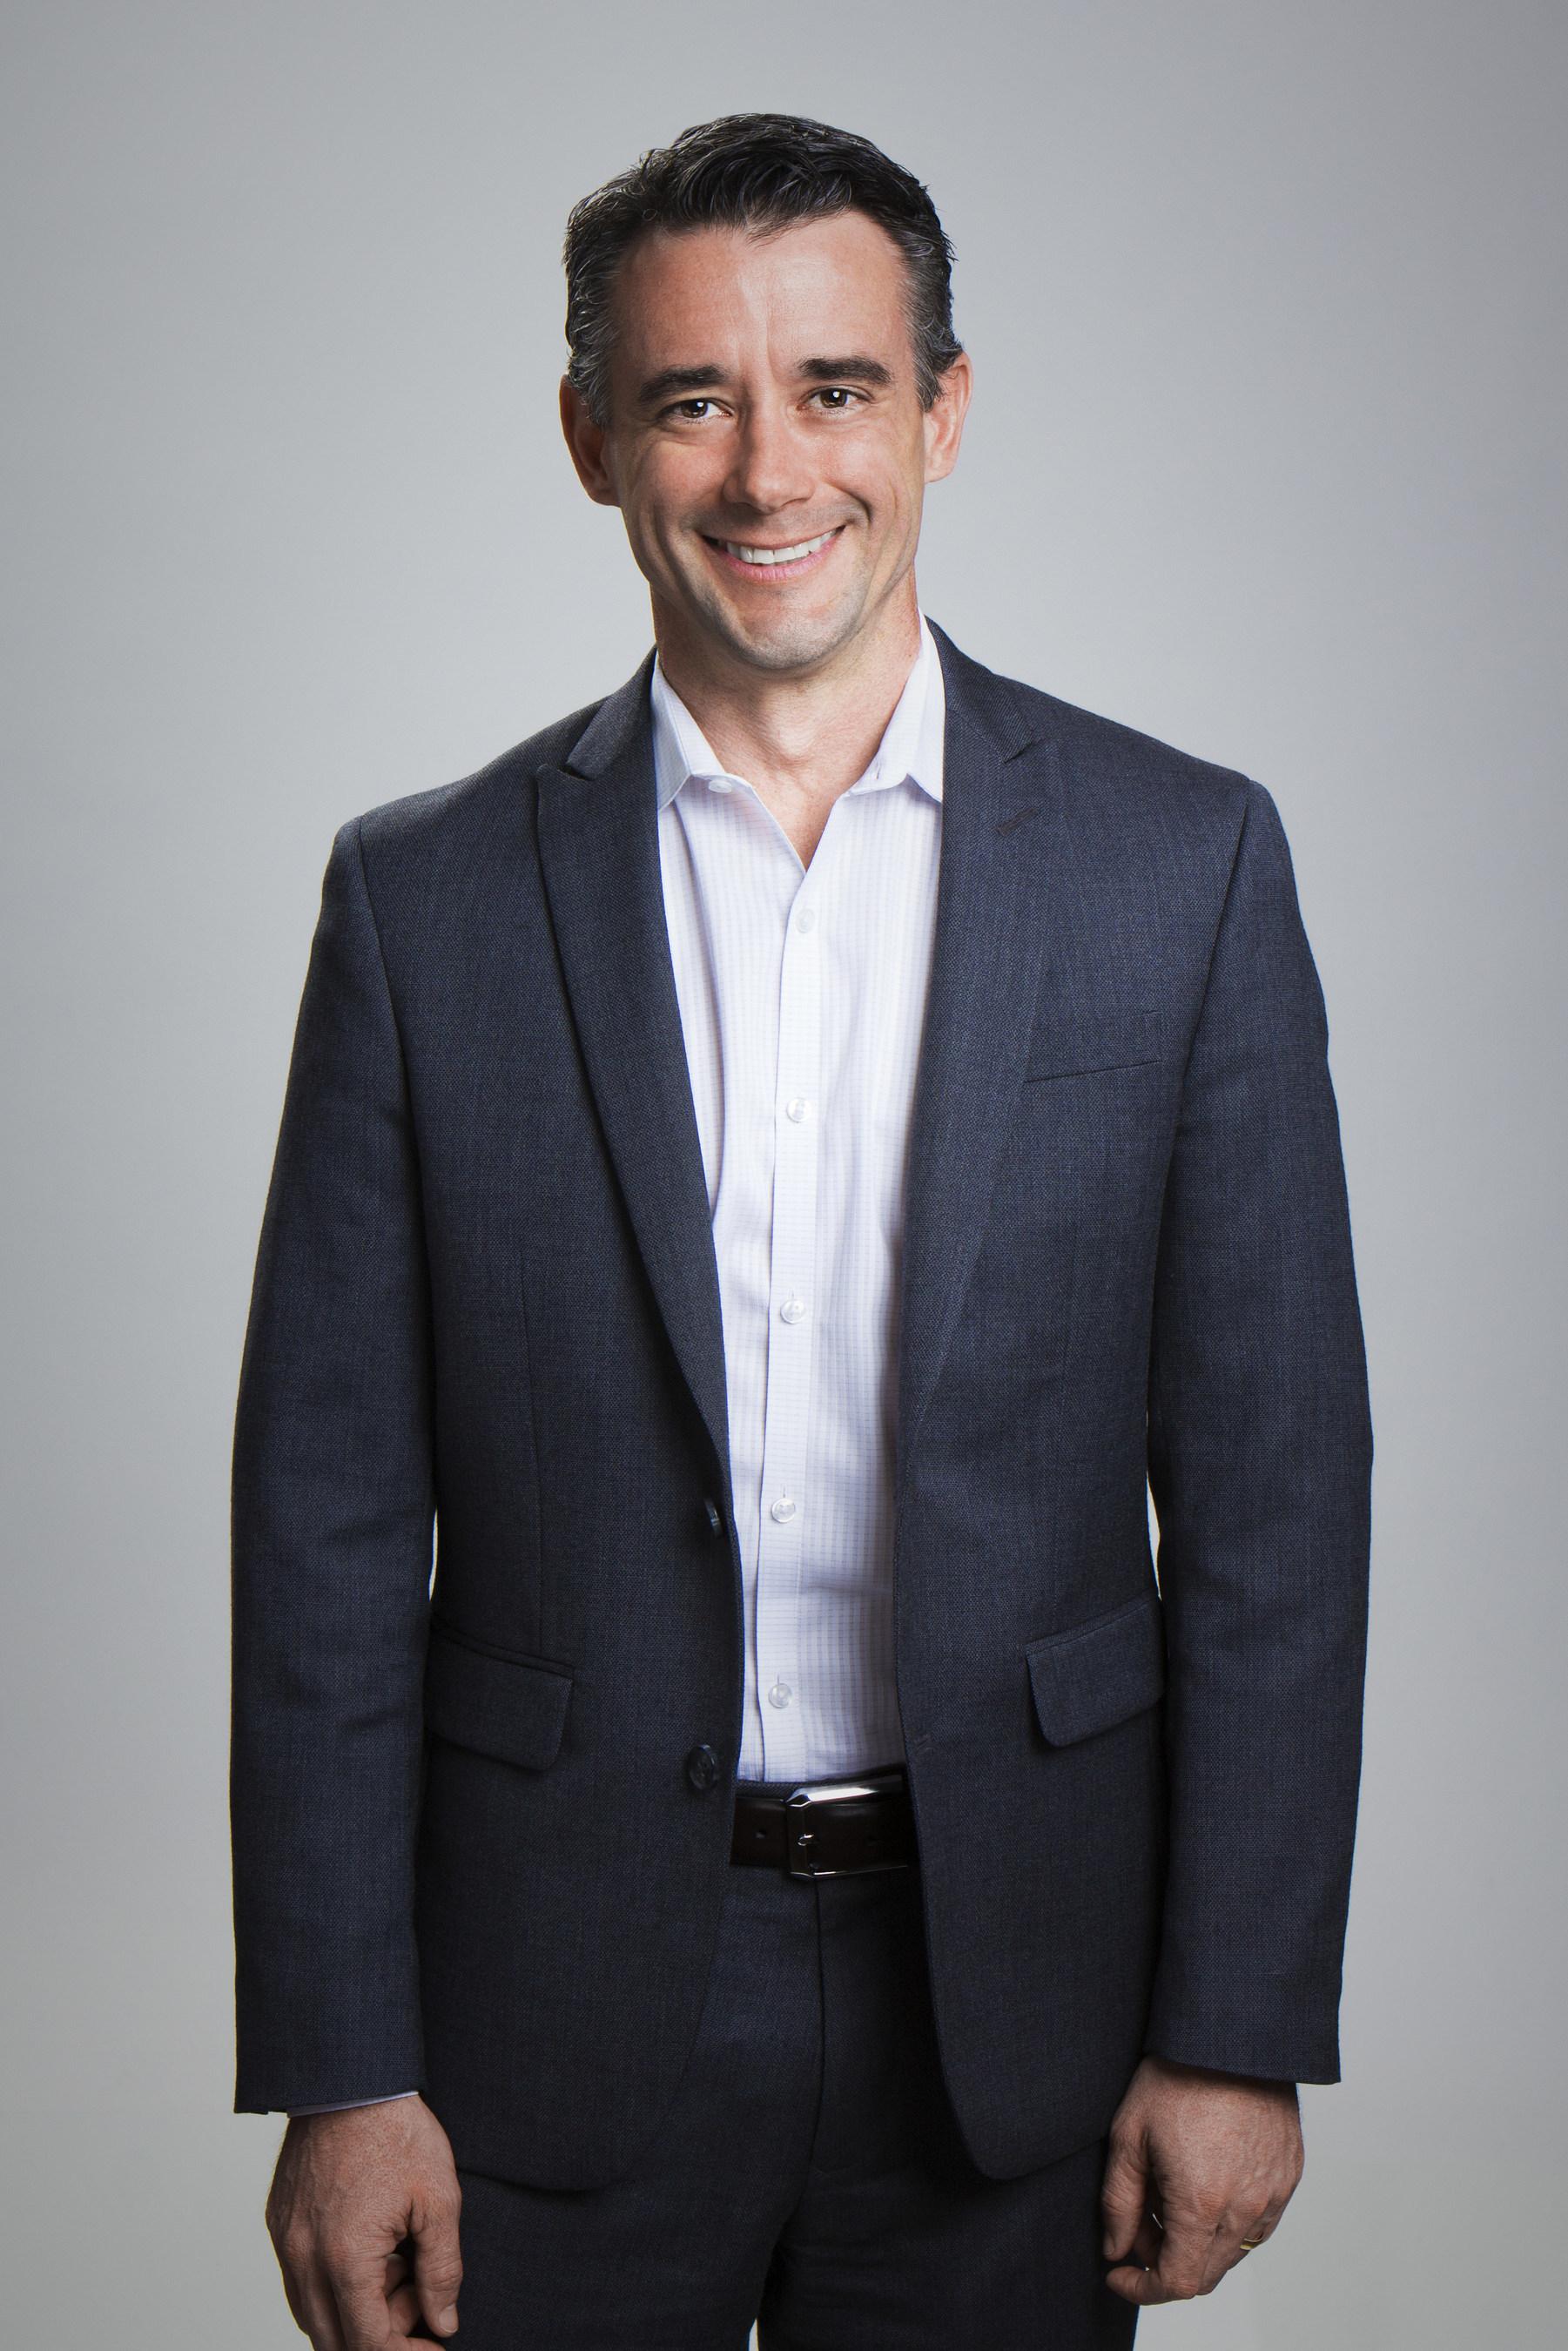 FocusVision kondigt Jamin Brazil aan als nieuwe CEO